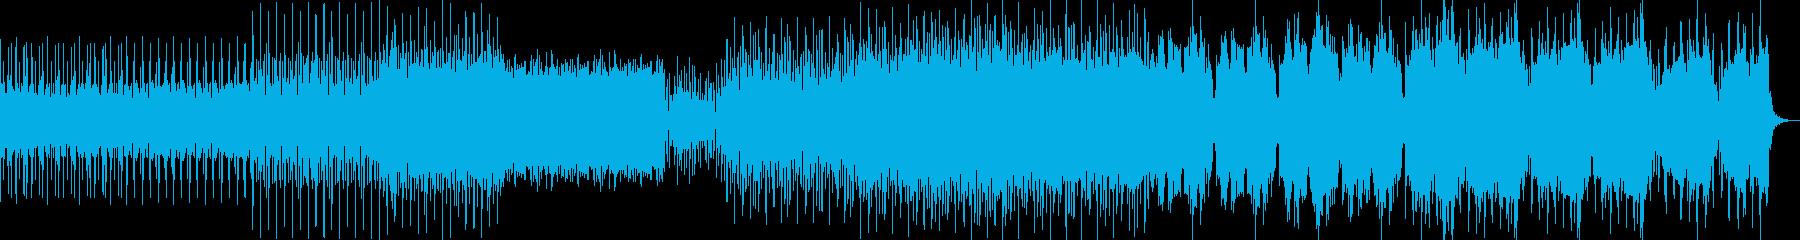 大空を感じるゆったりとしたチルアウトの再生済みの波形